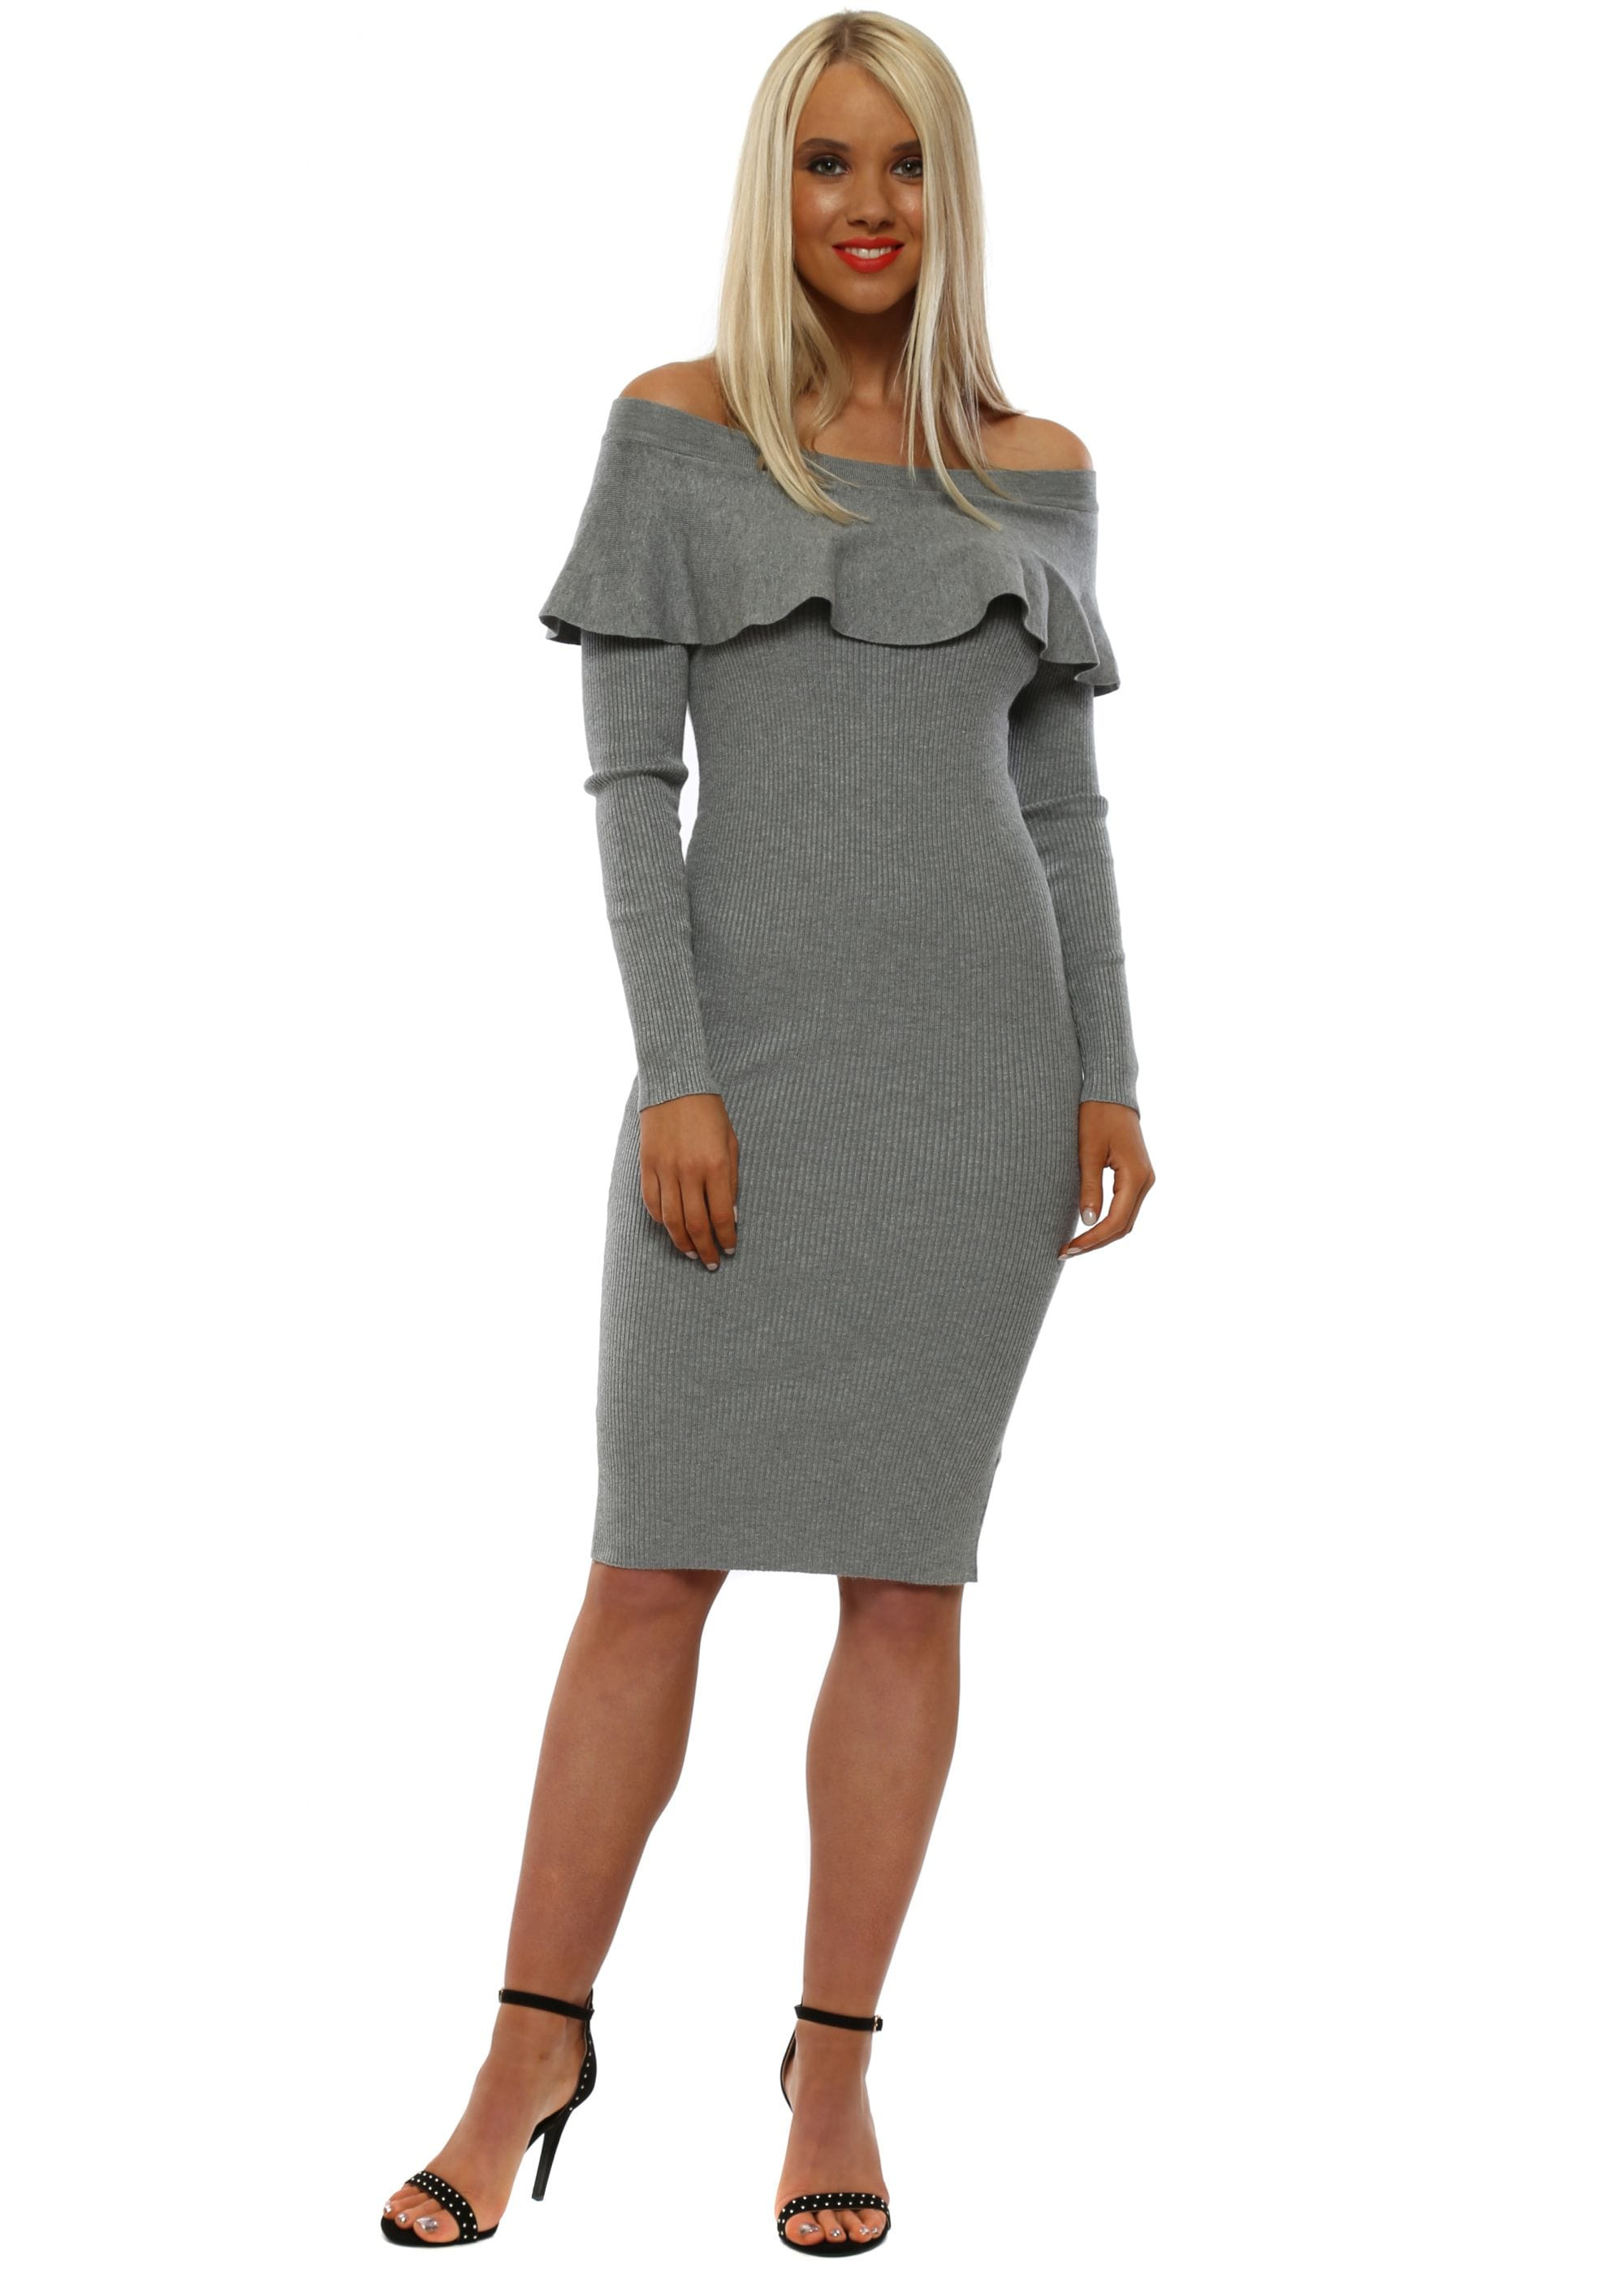 266aeedbe4 Grey Off The Shoulder Long Sleeved Jumper Dress